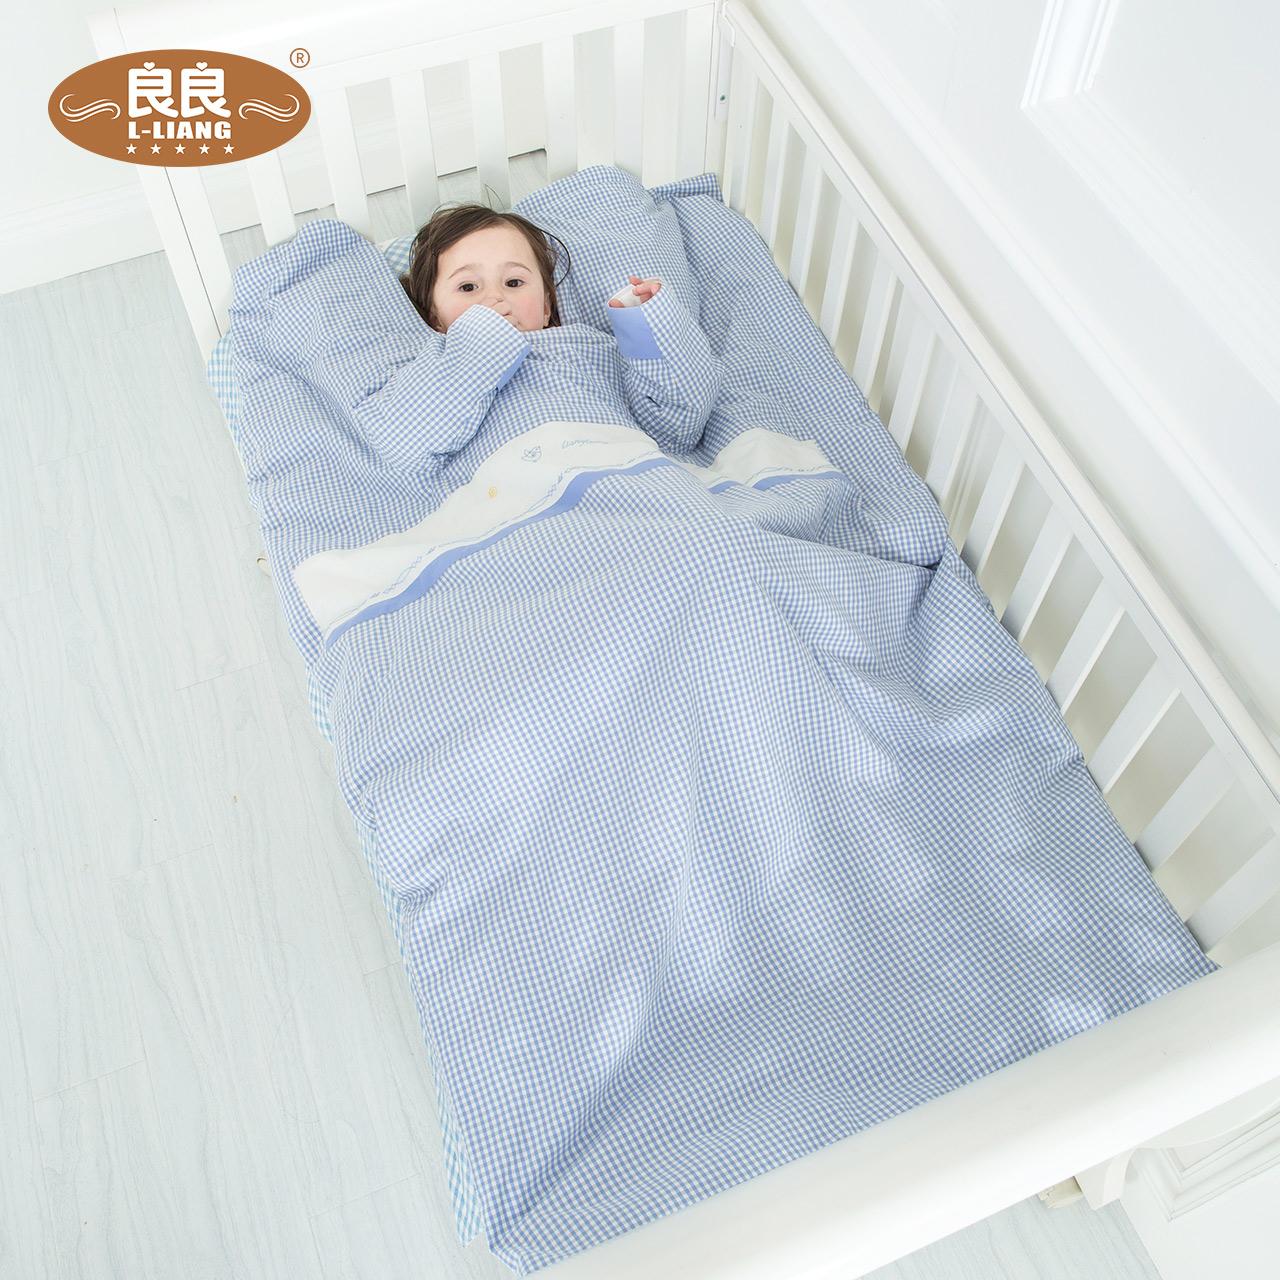 良良 多功能婴儿睡袋3元优惠券